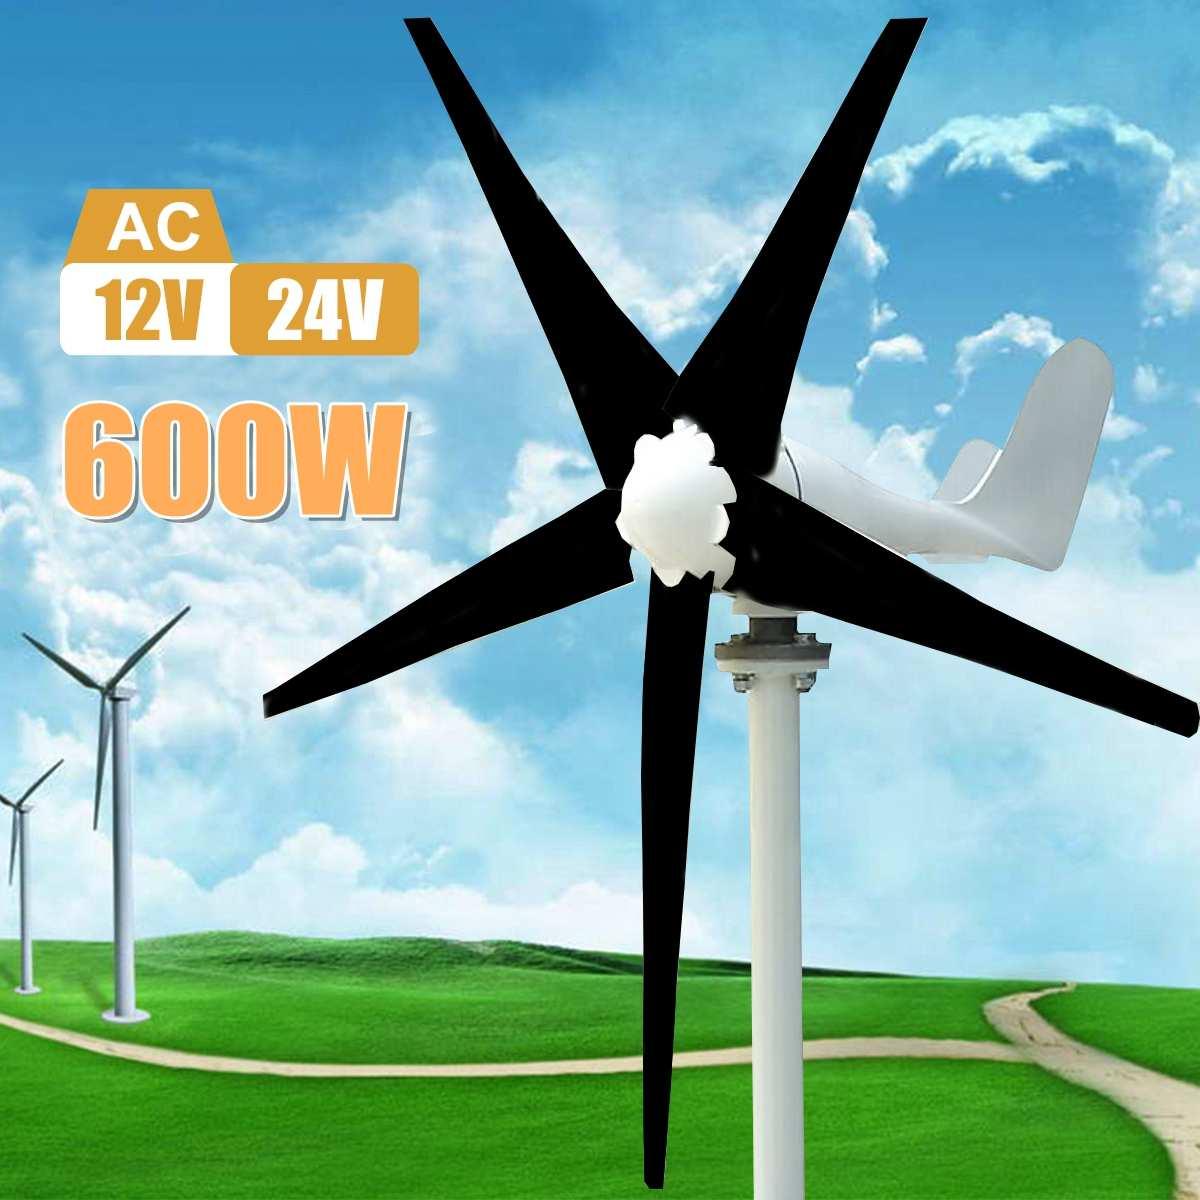 Max 600 W Vent générateur de turbine AC 12 V/24 V 5 Lame alimentation Générateur pour La Maison Hybride lampadaire utiliser kits